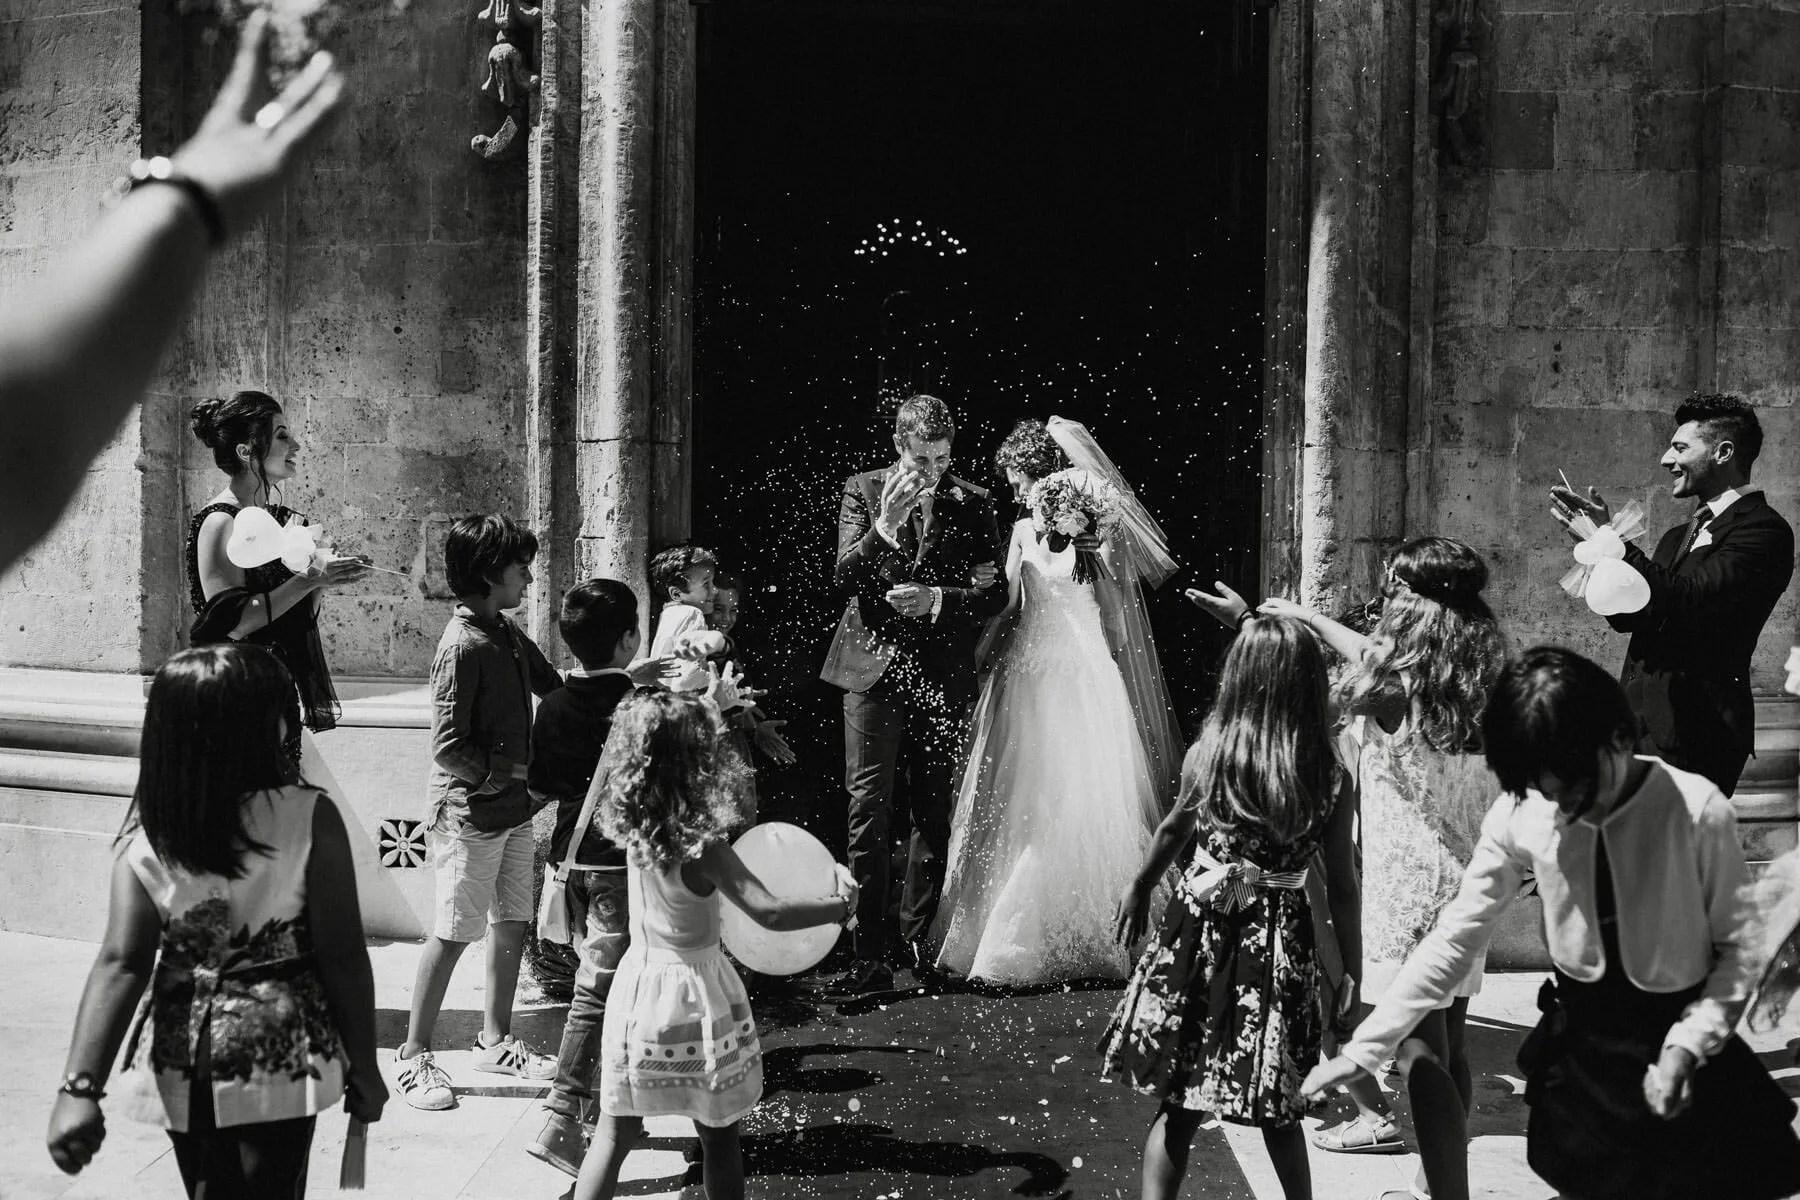 pietro moltierni fine art photography matera fotografo portrait ritratto creative sassi authenti love